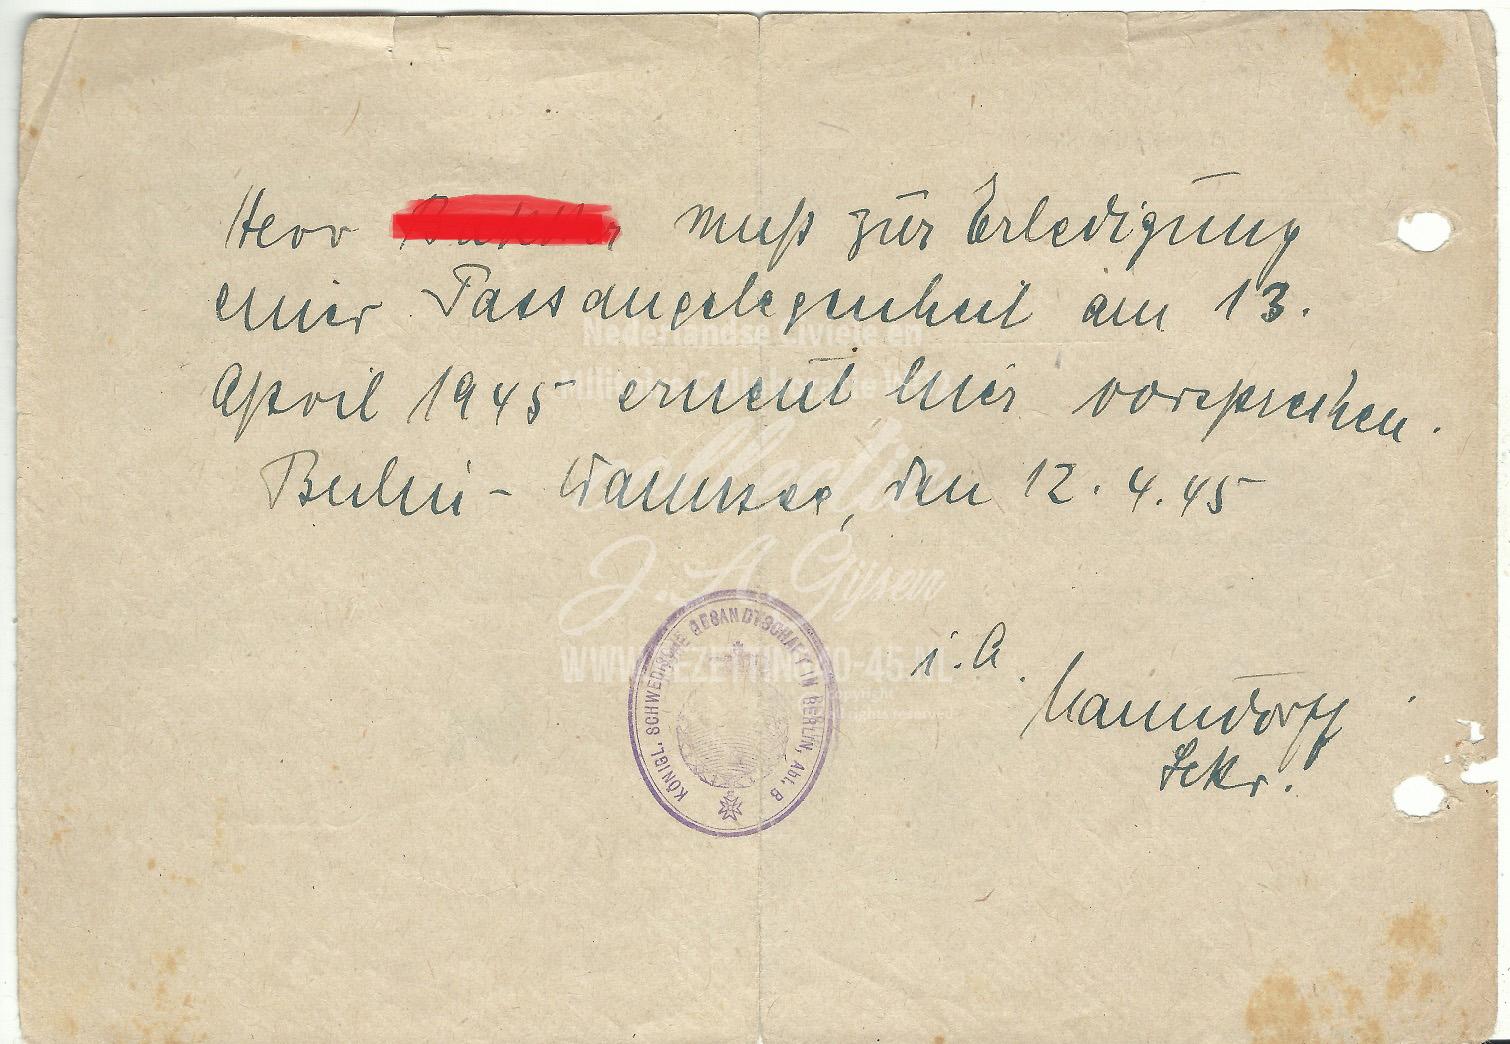 Der Umtsorsteher als Ortspolizeibehörde Bescheinigung 10-4-1945.